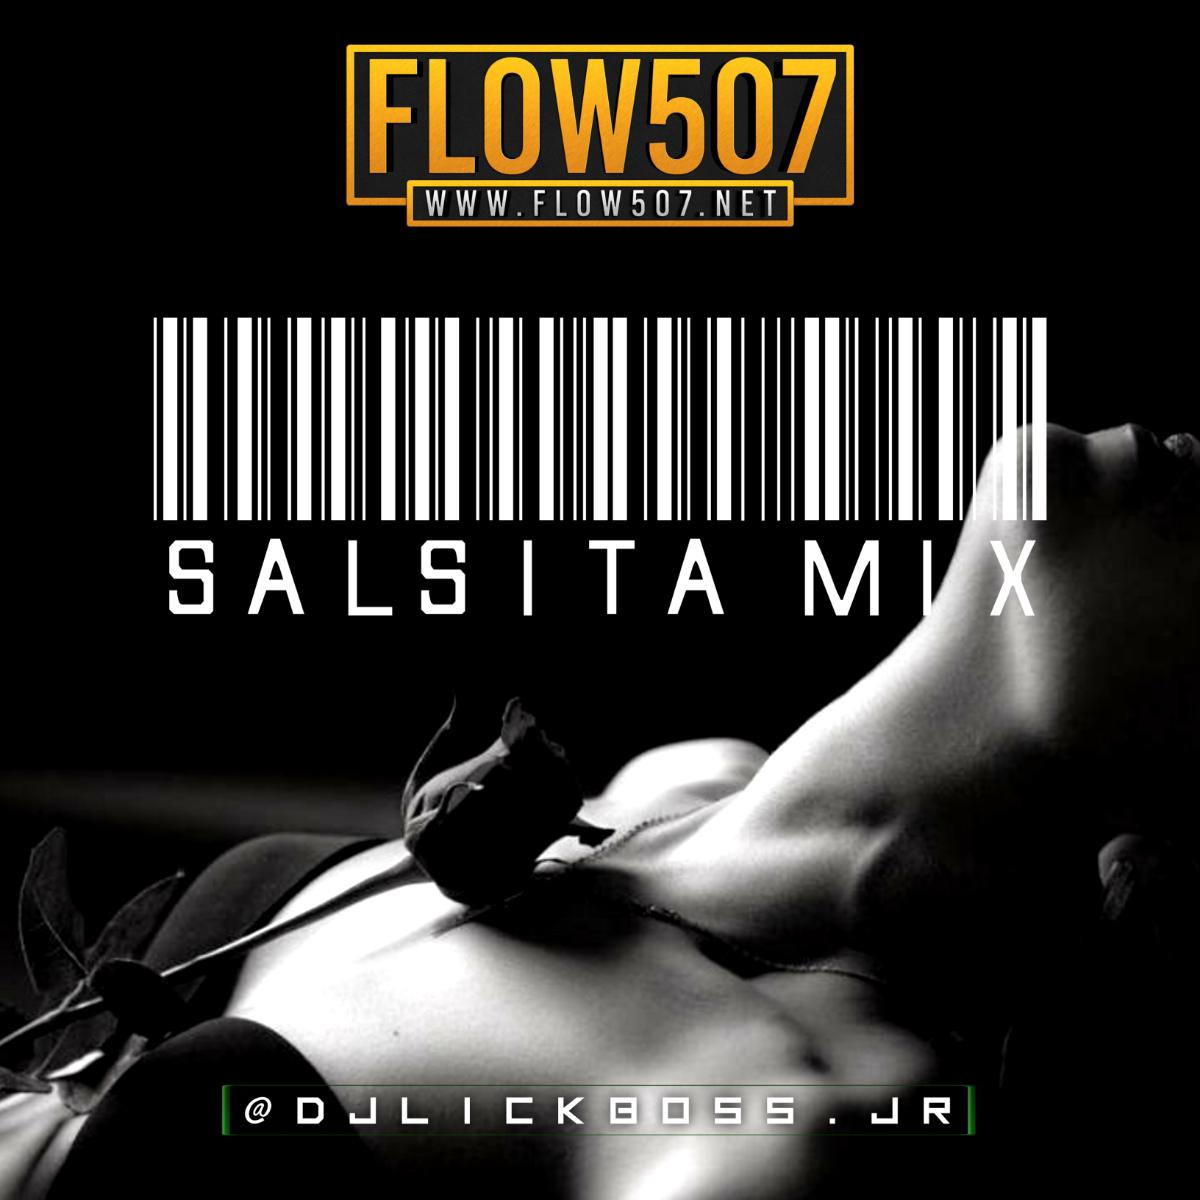 @DjLickboss.Jr - Salsa Mix